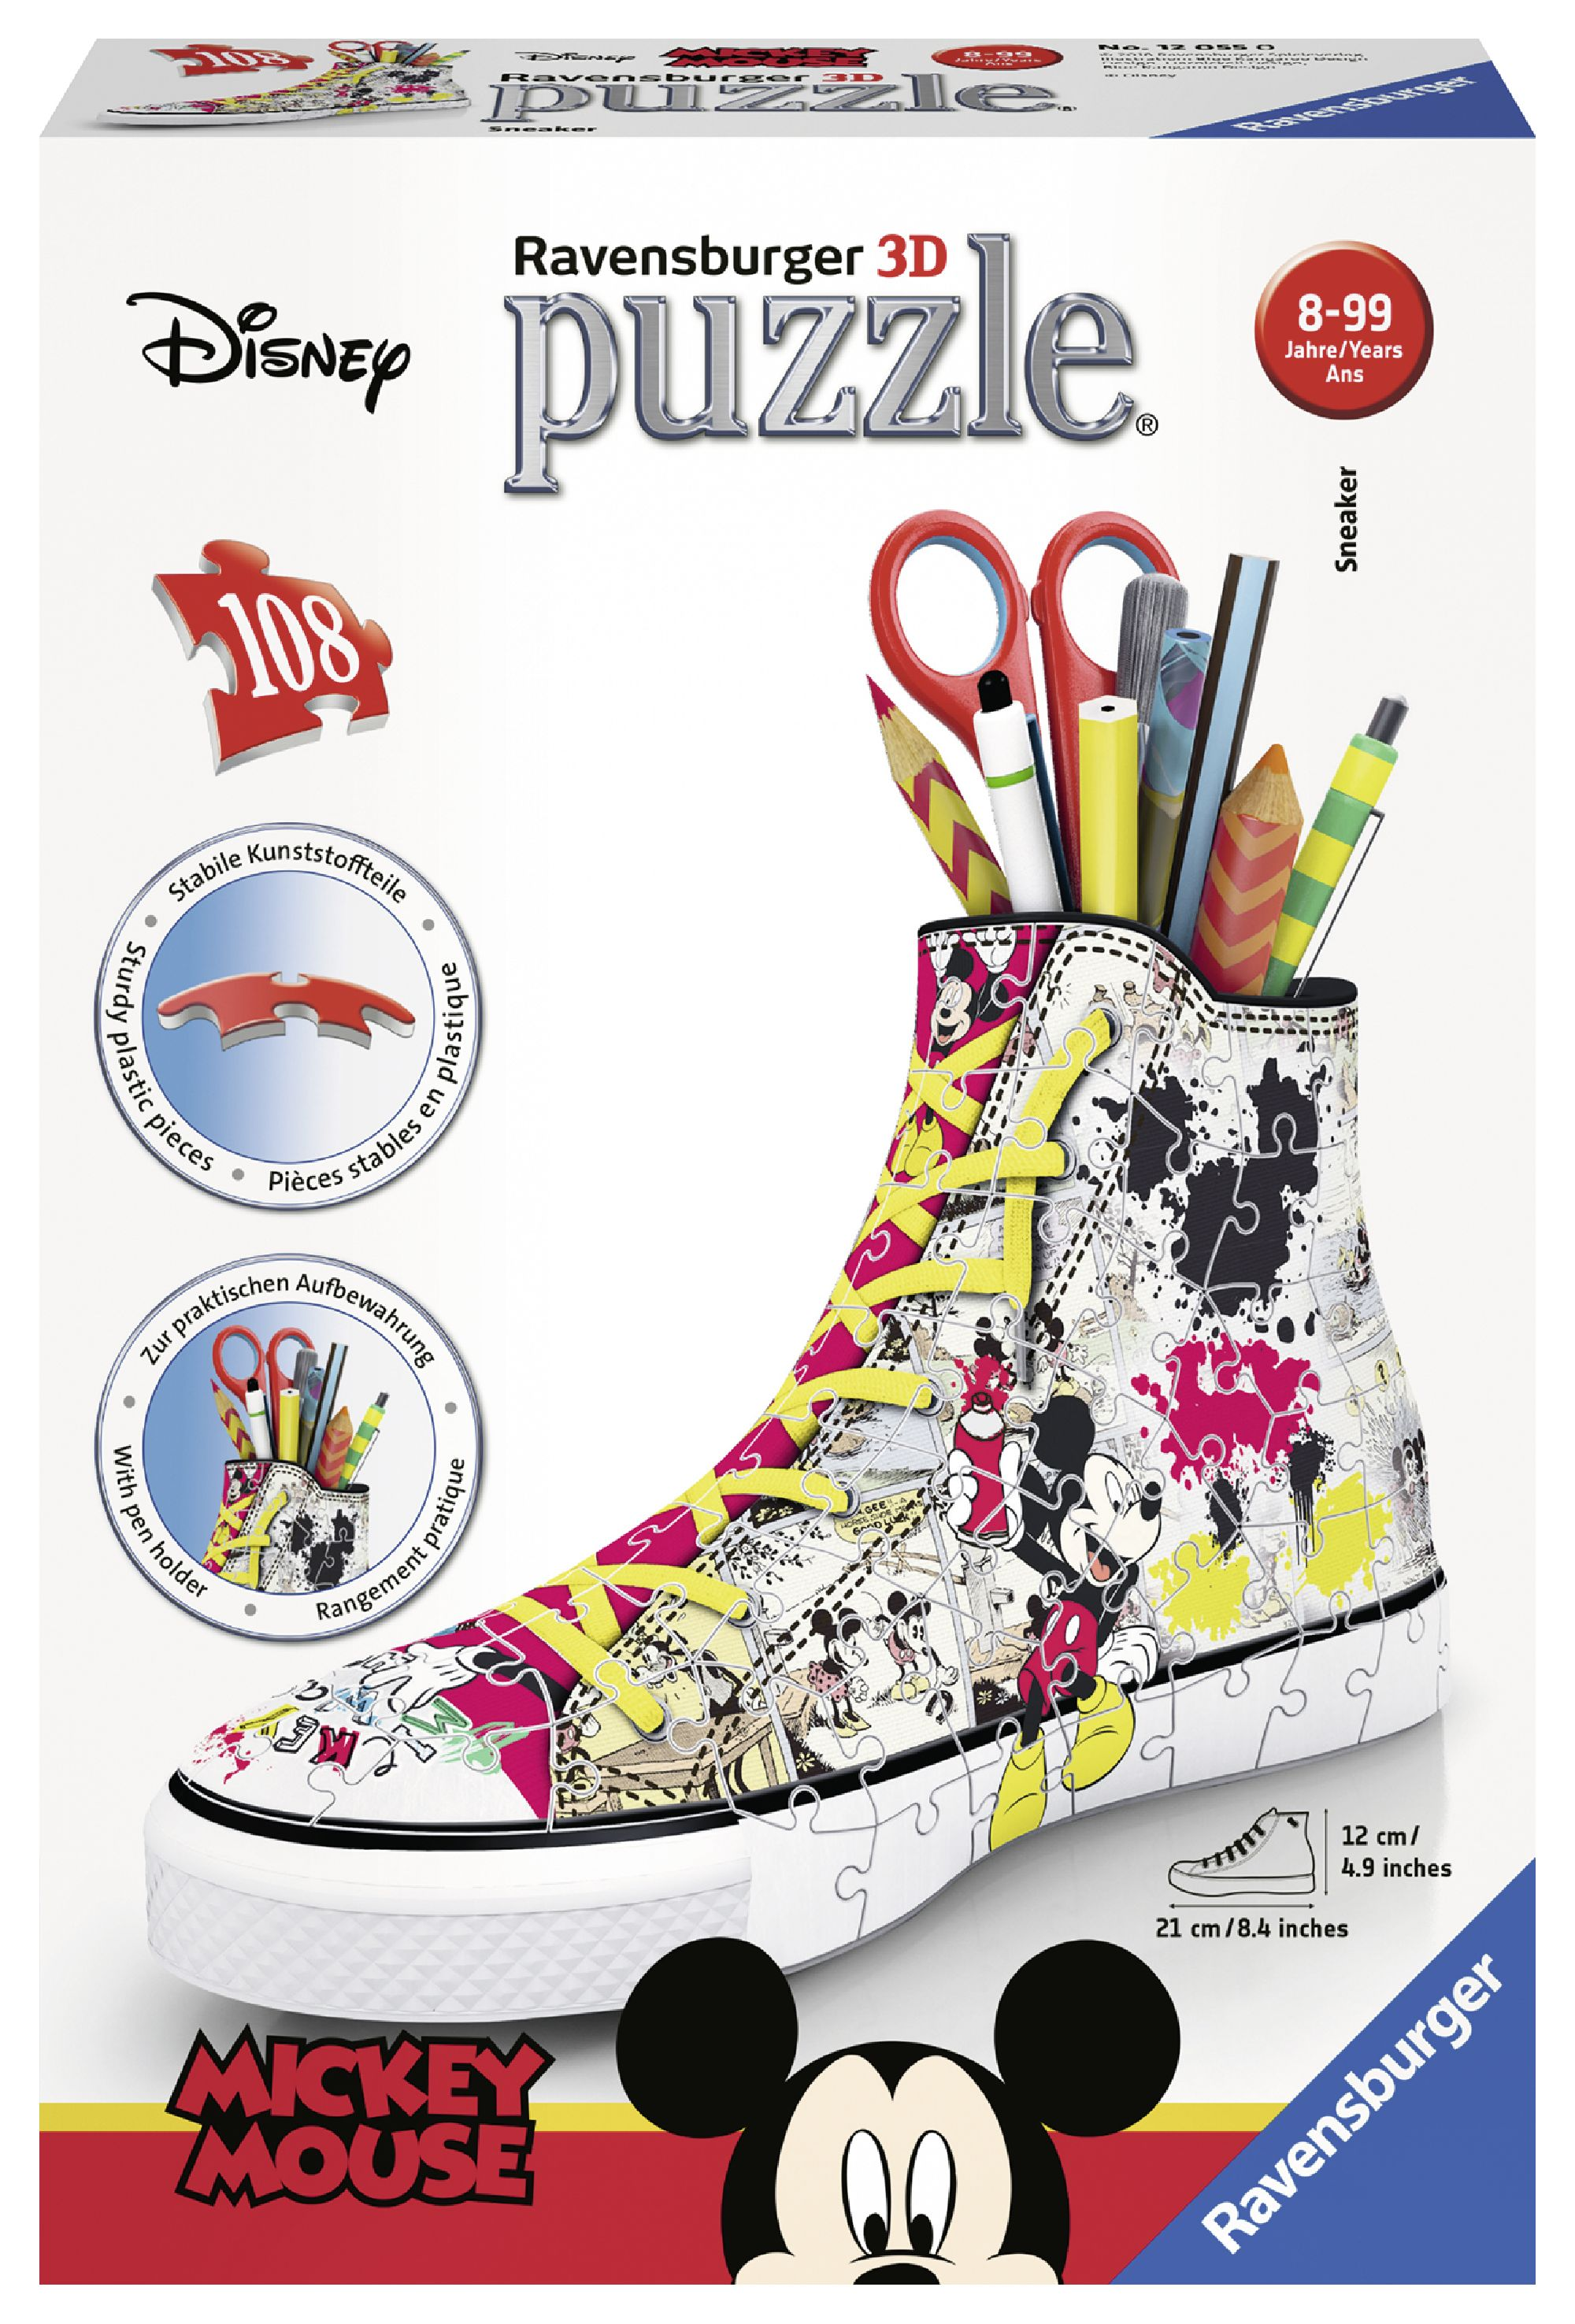 Sneaker disney topolino - puzzle 3d portapenne ravensburger 12055 - best seller disney - disney - marche - RAVENSBURGER PUZZLE 3D